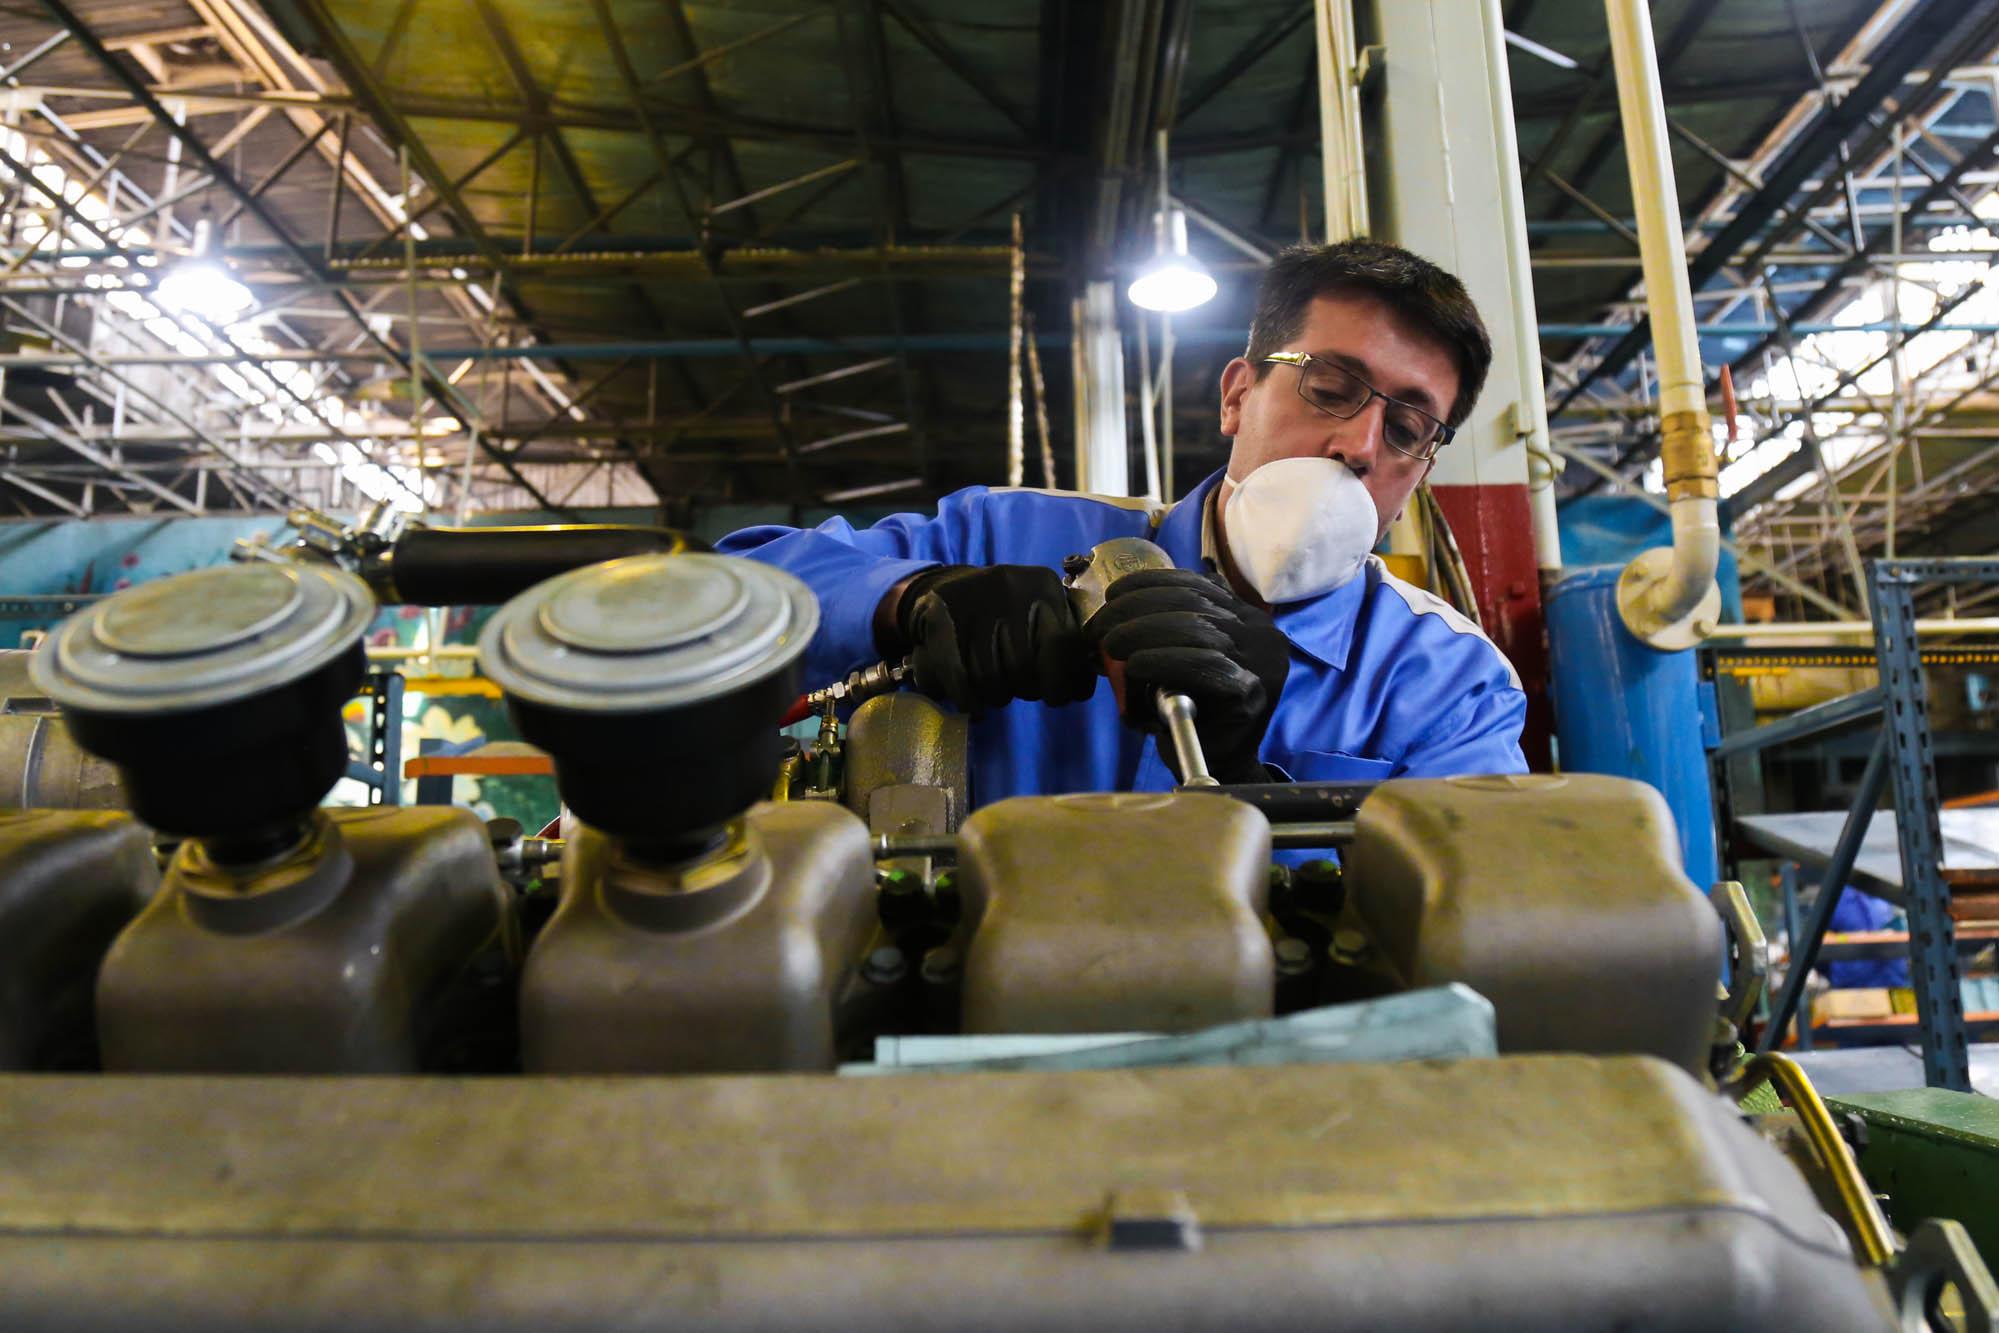 افتتاح خط تولید گیربکس سمند در شرکت چرخشگر تبریز توسط وزیر صمت